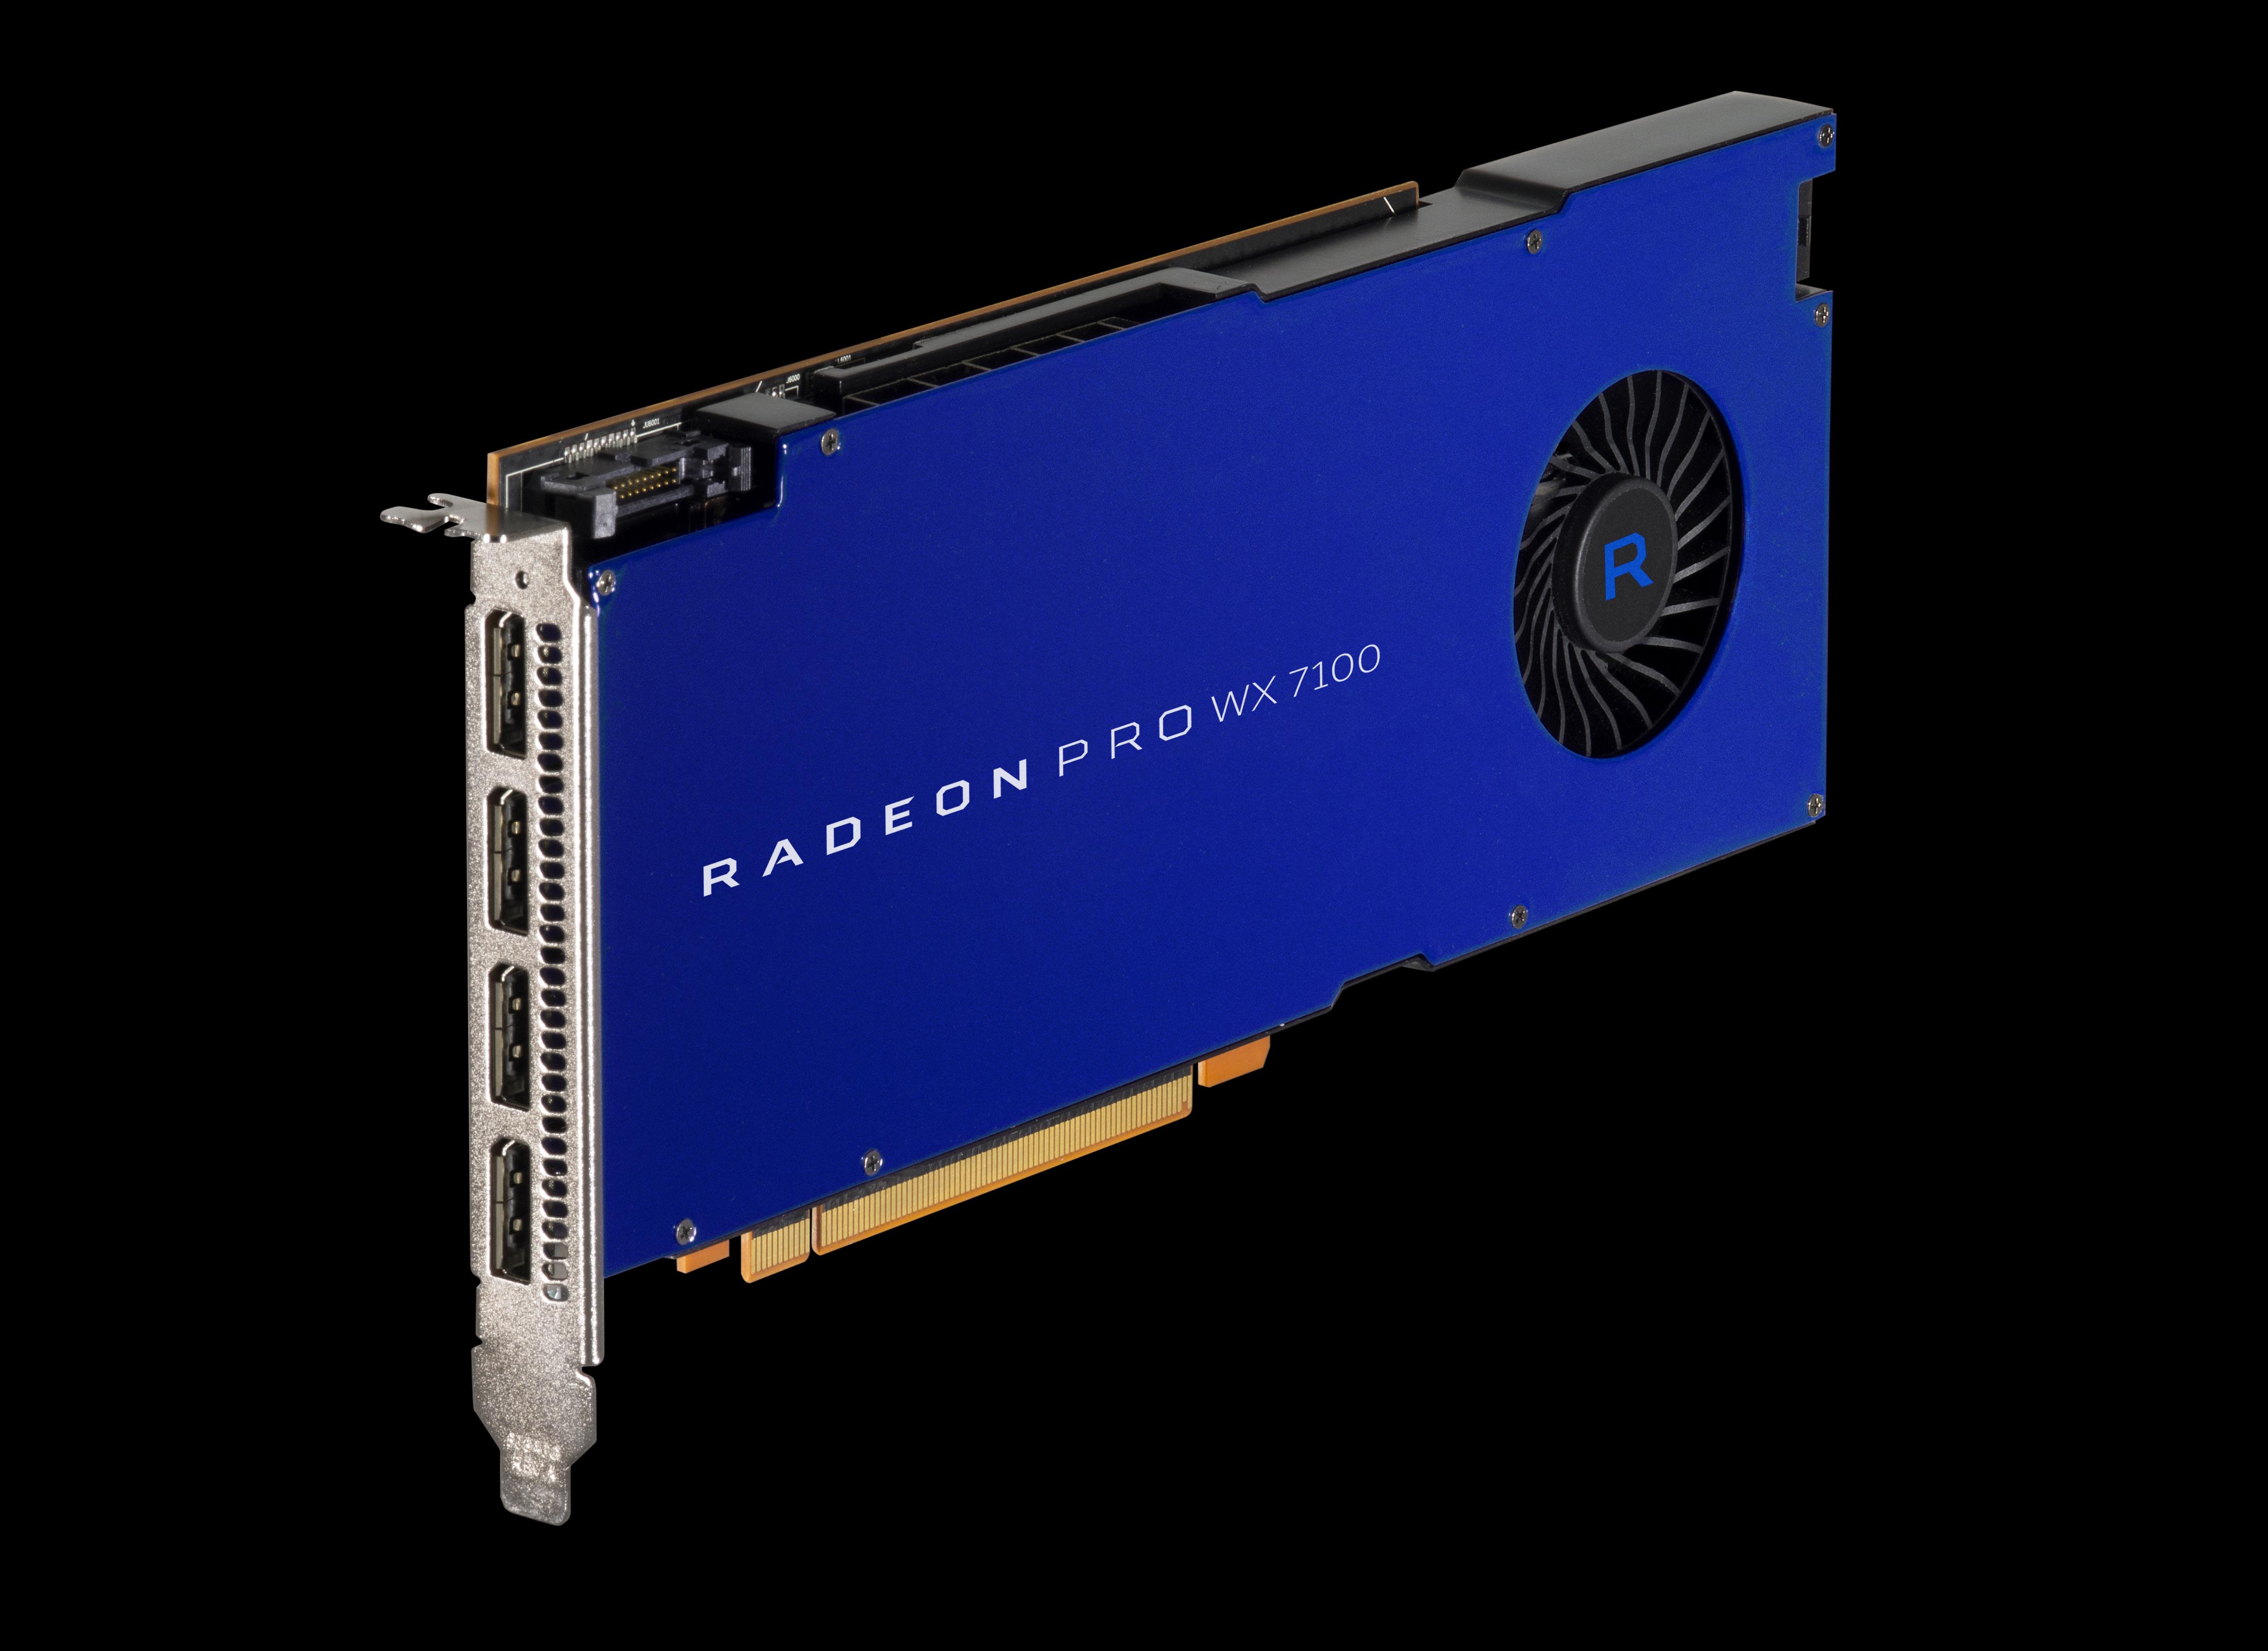 AMD Announces Radeon Pro WX Series: WX 4100, WX 5100, & WX 7100